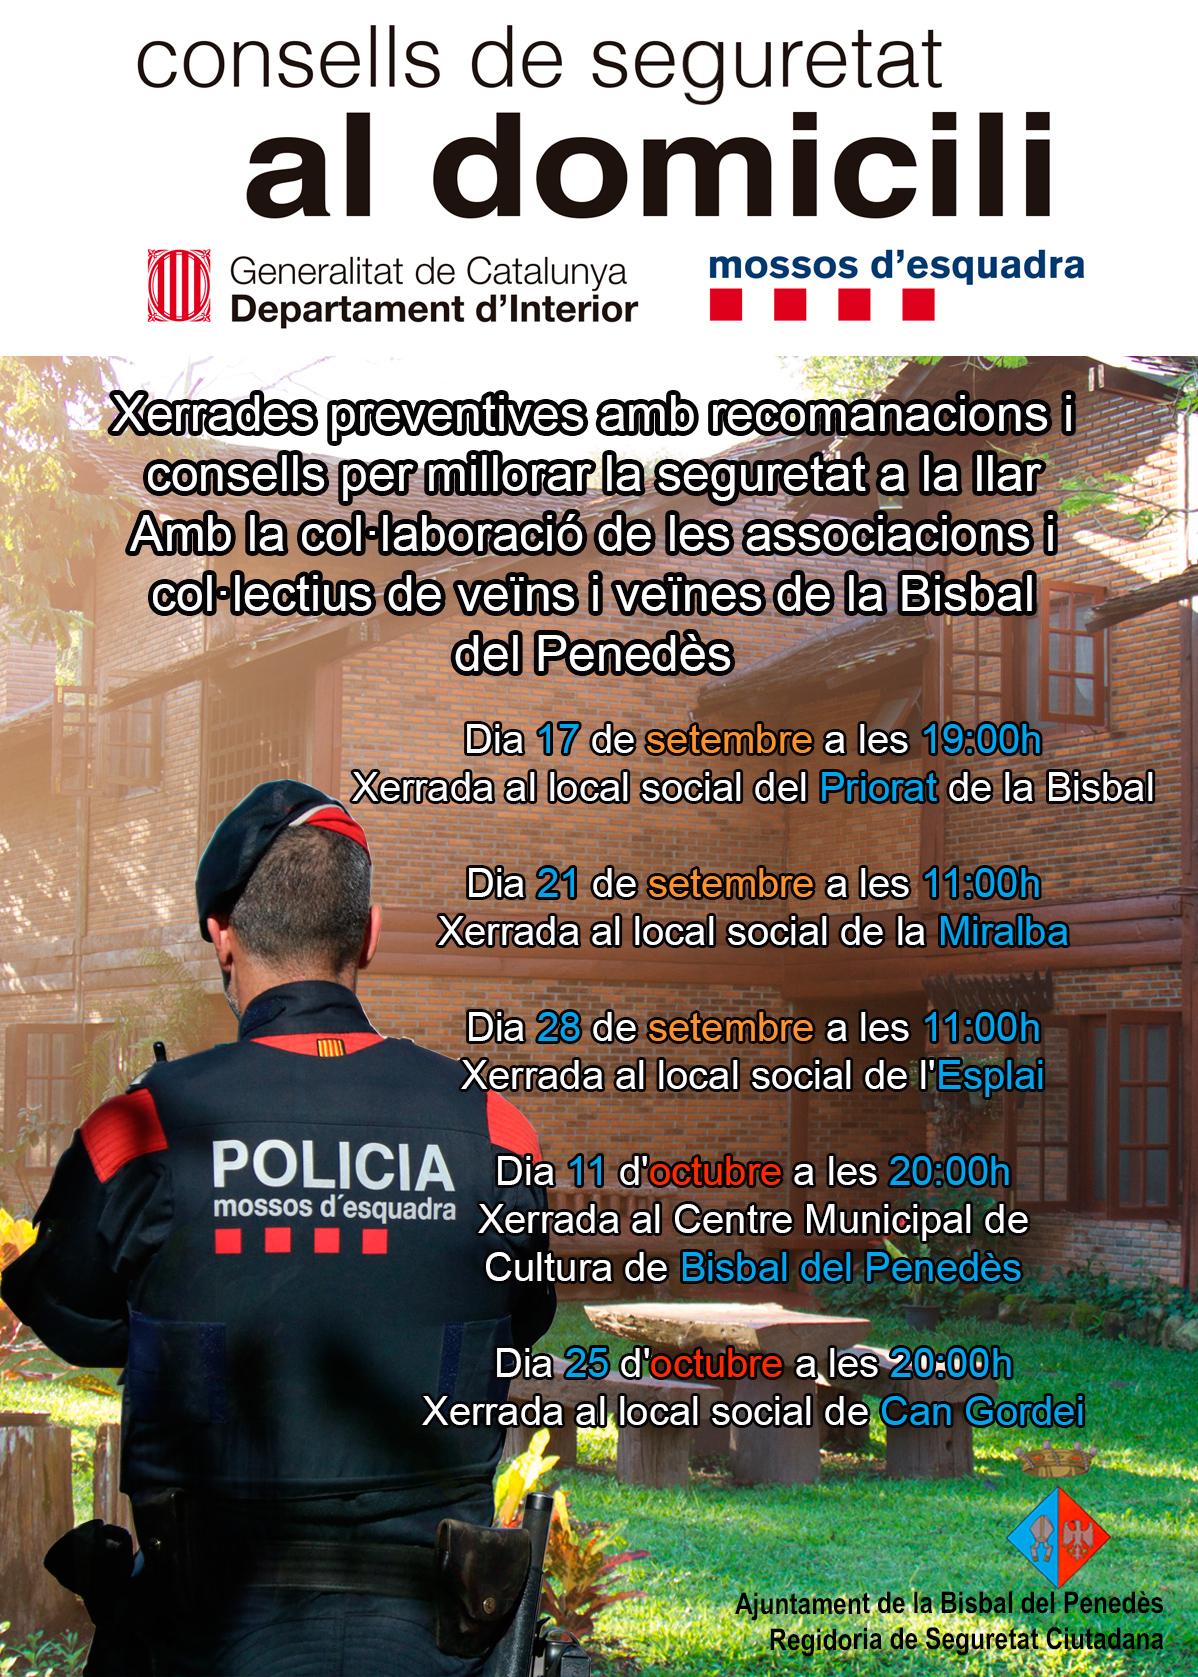 La Regidoria de Seguretat Ciutadana ha organitzat un cicle de xerrades per prevenir robatoris en domicilis particulars